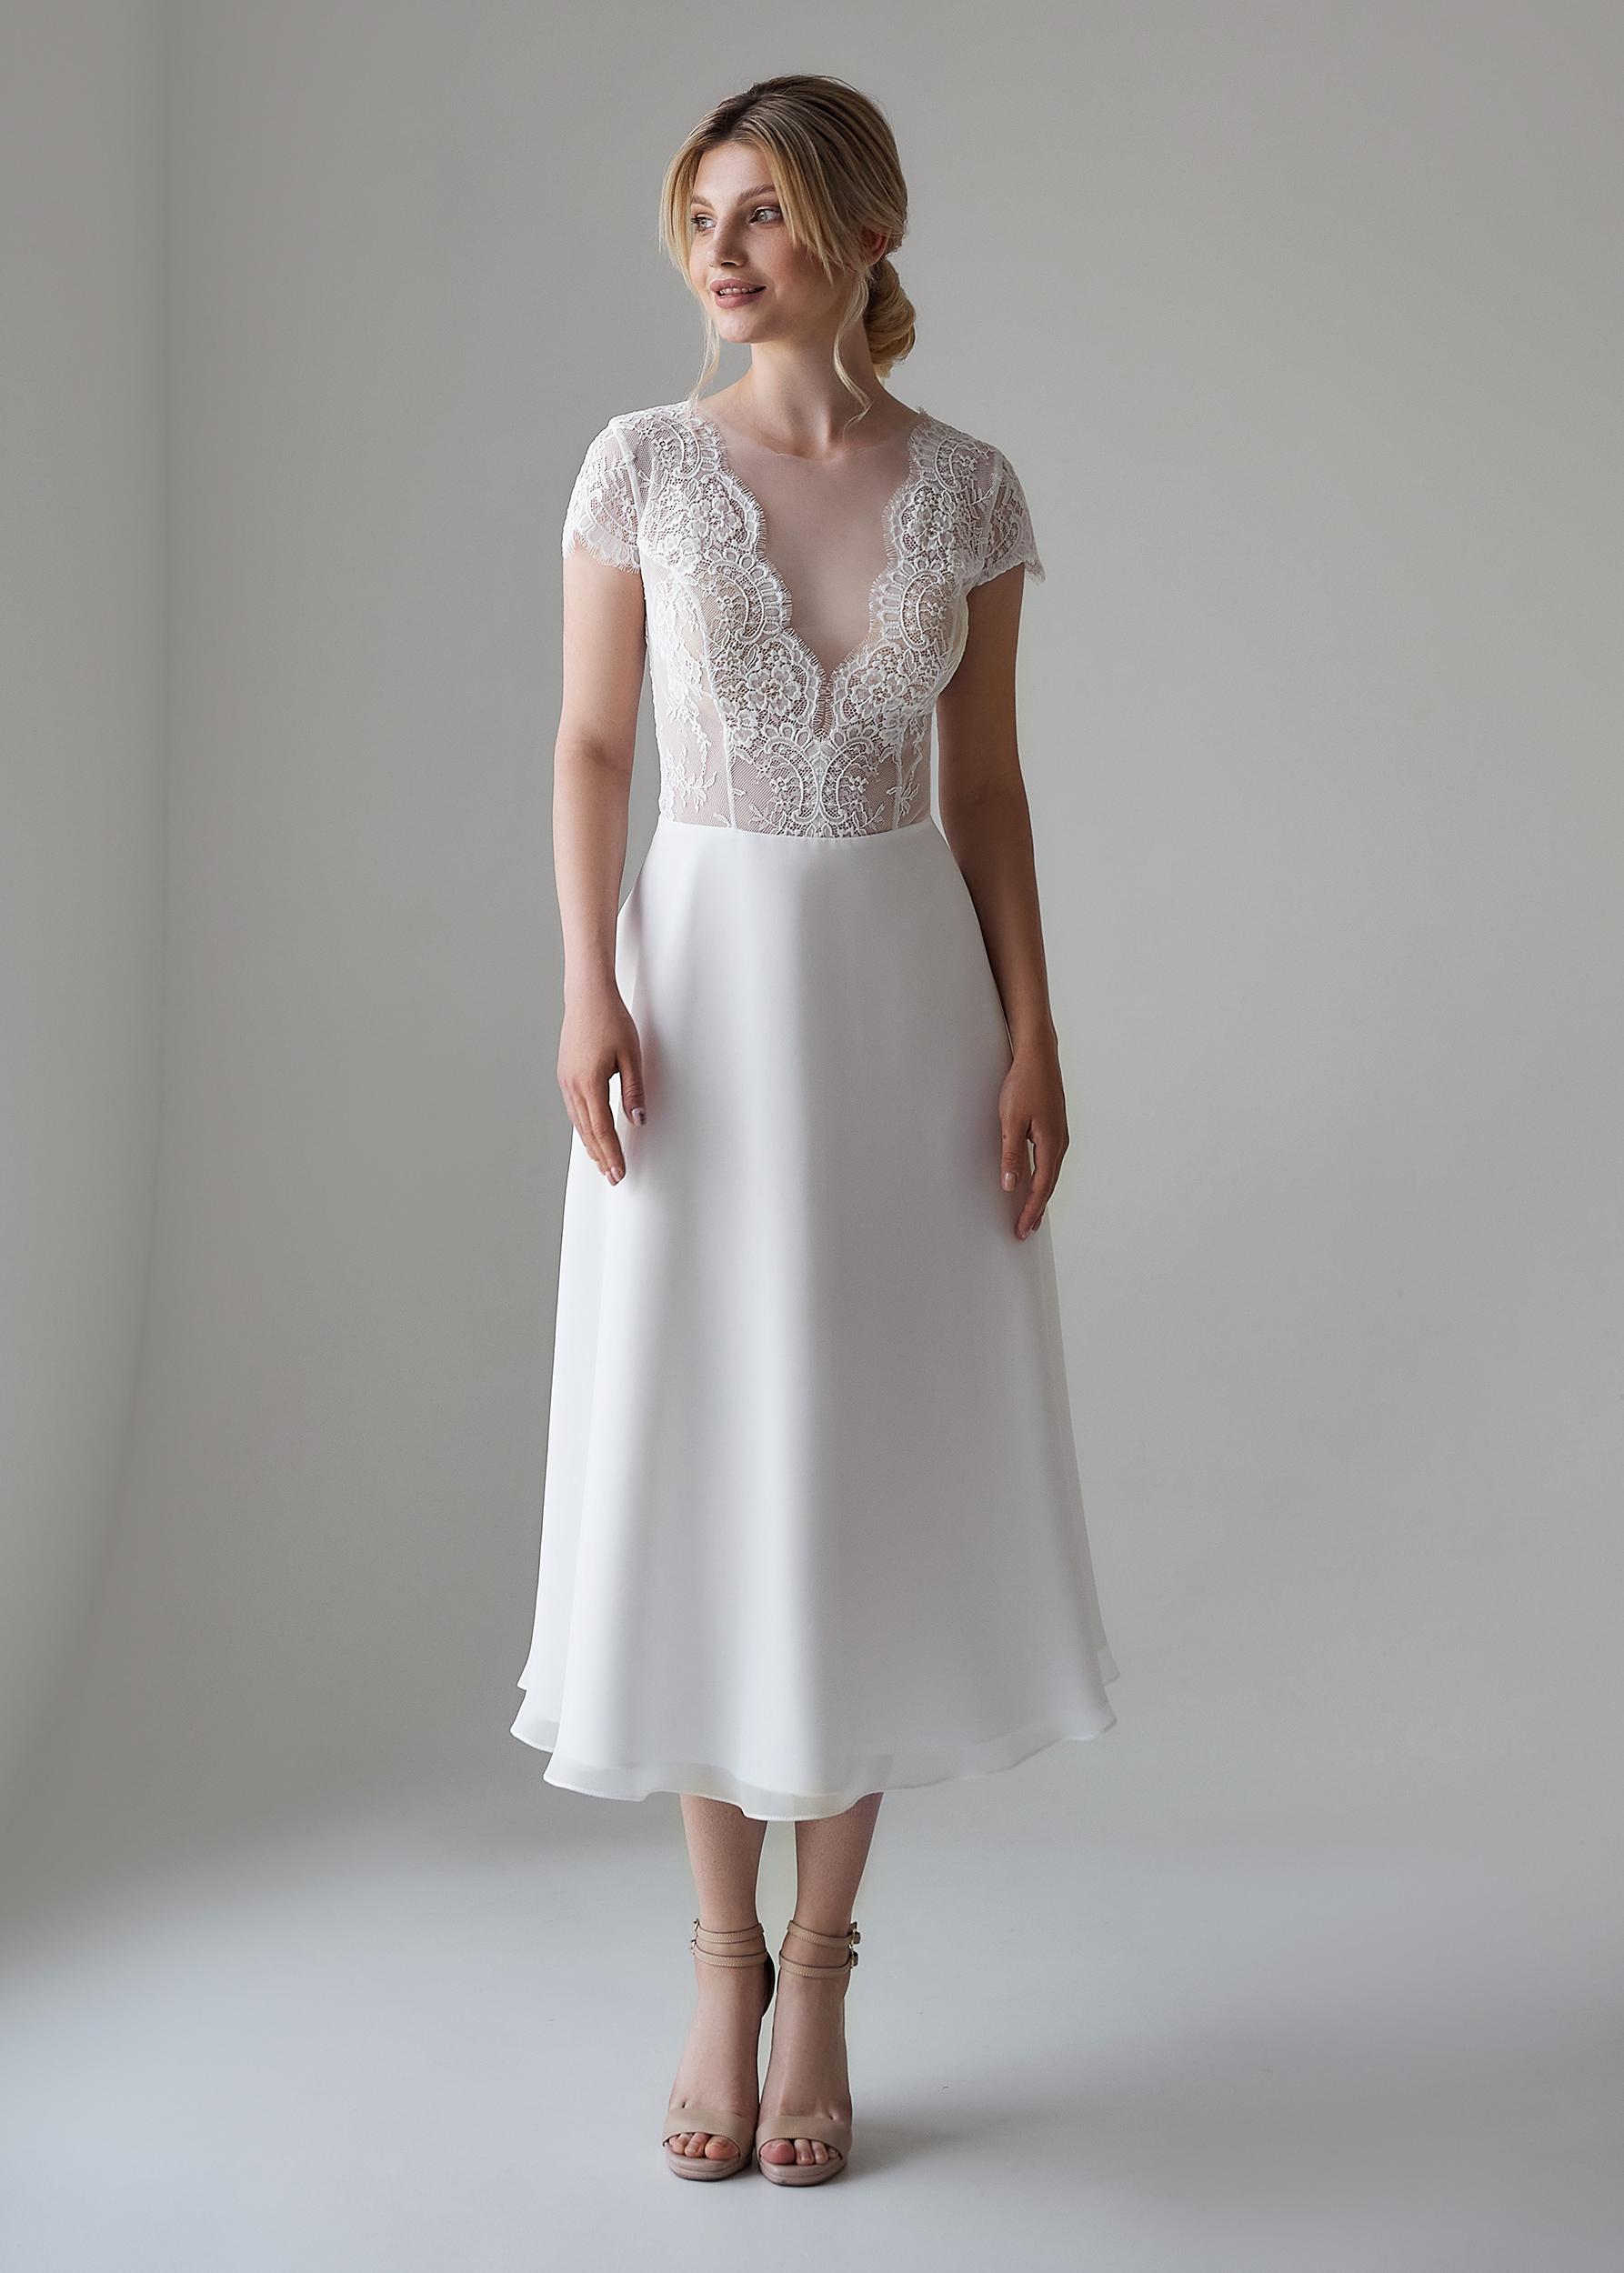 платье на роспись | Vero